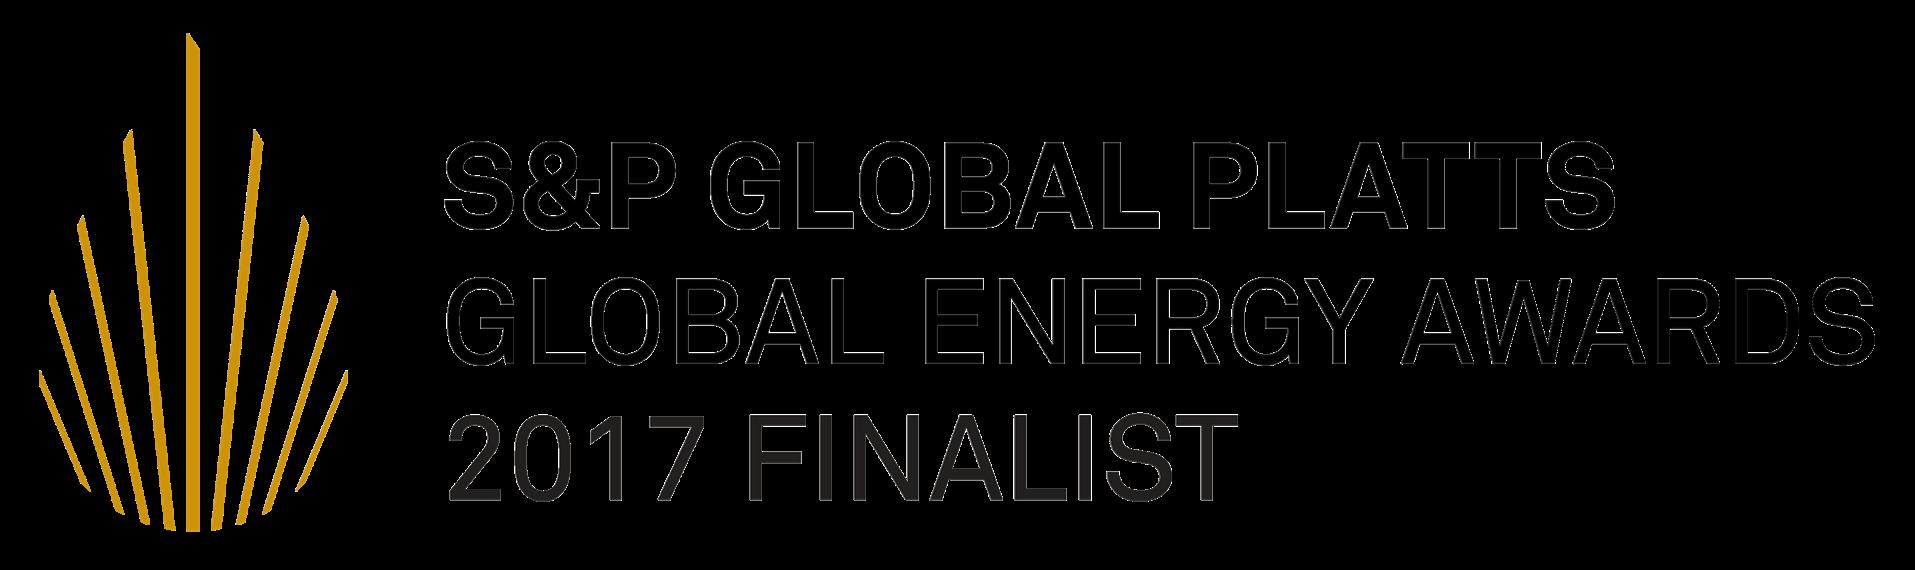 2017 S&P Global Platts Energy Awards